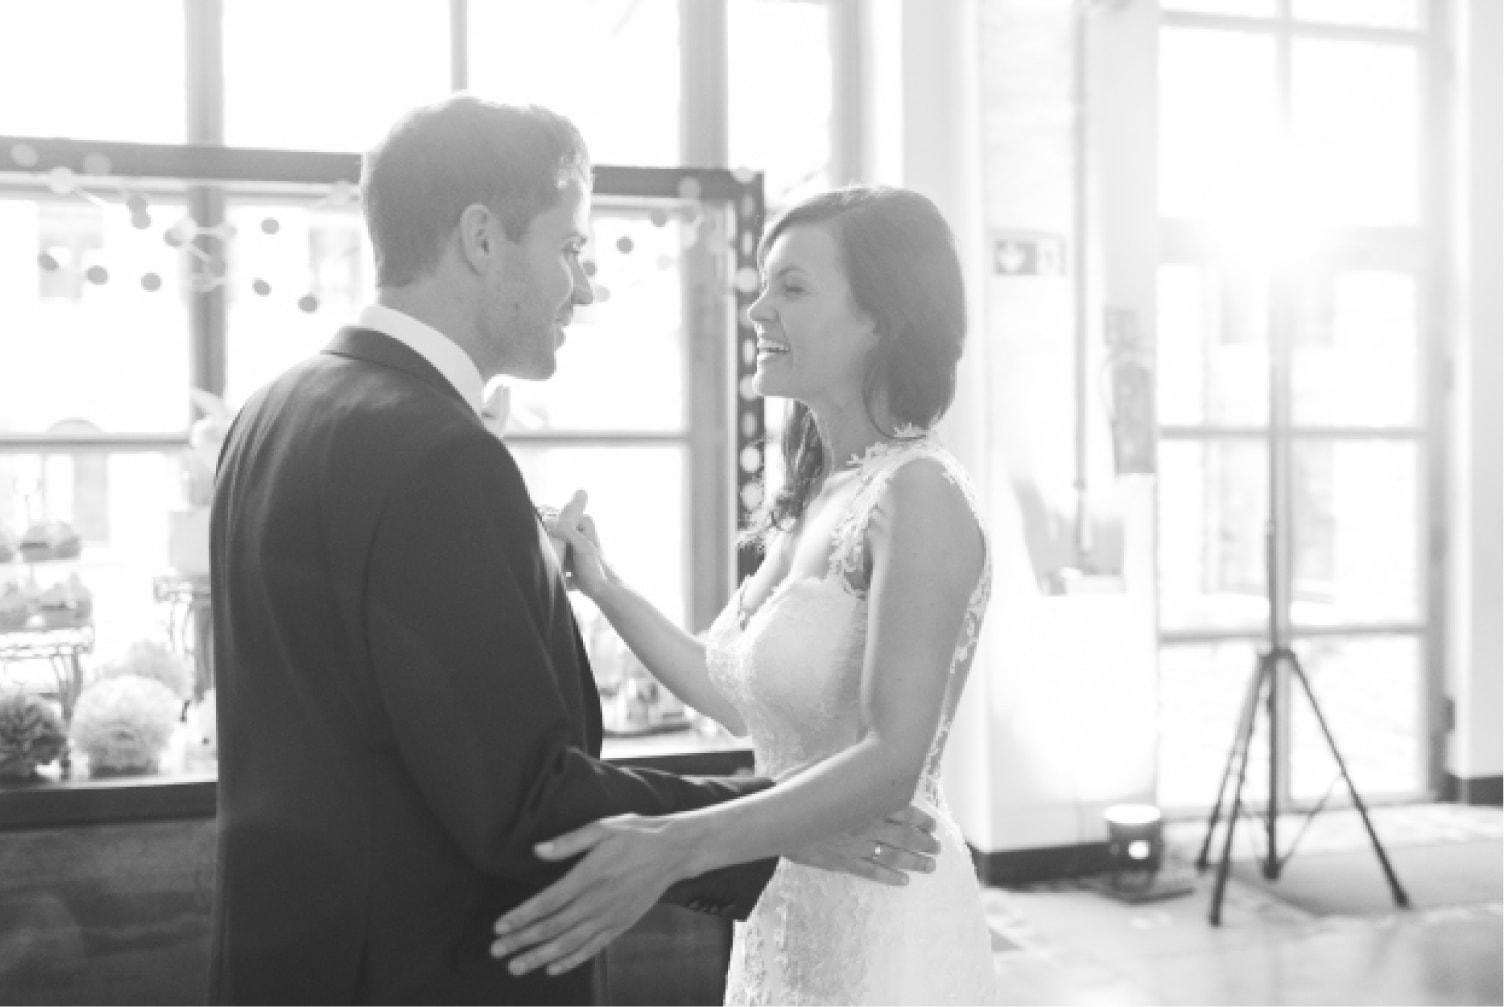 Hochzeits torten konditor Qualifizierung